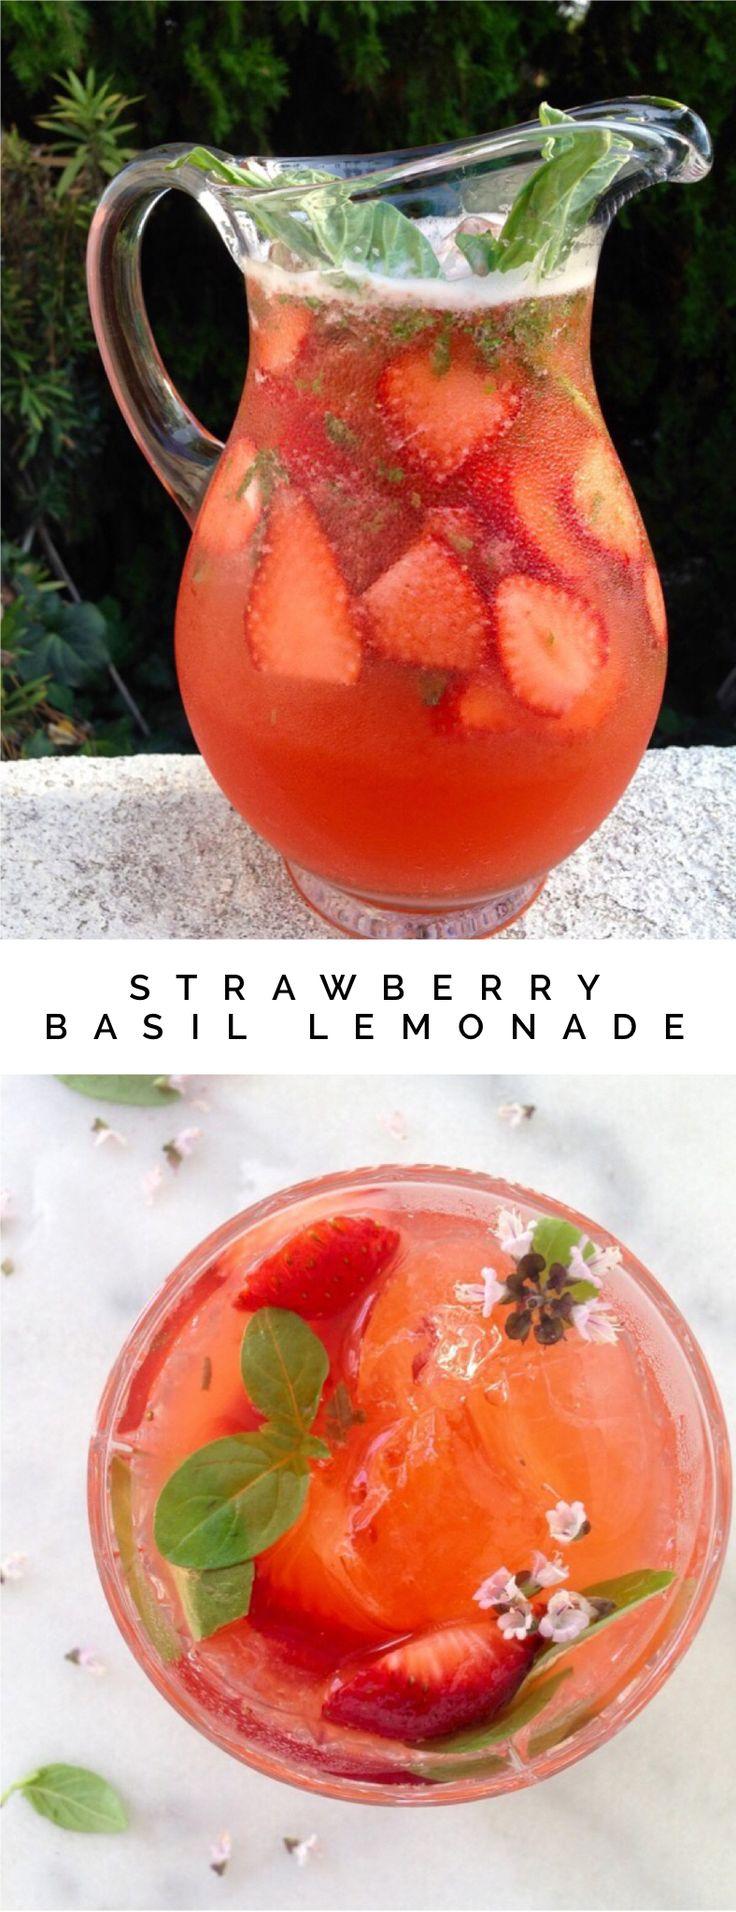 Strawberry Basil Lemonade | CiaoFlorentina.com